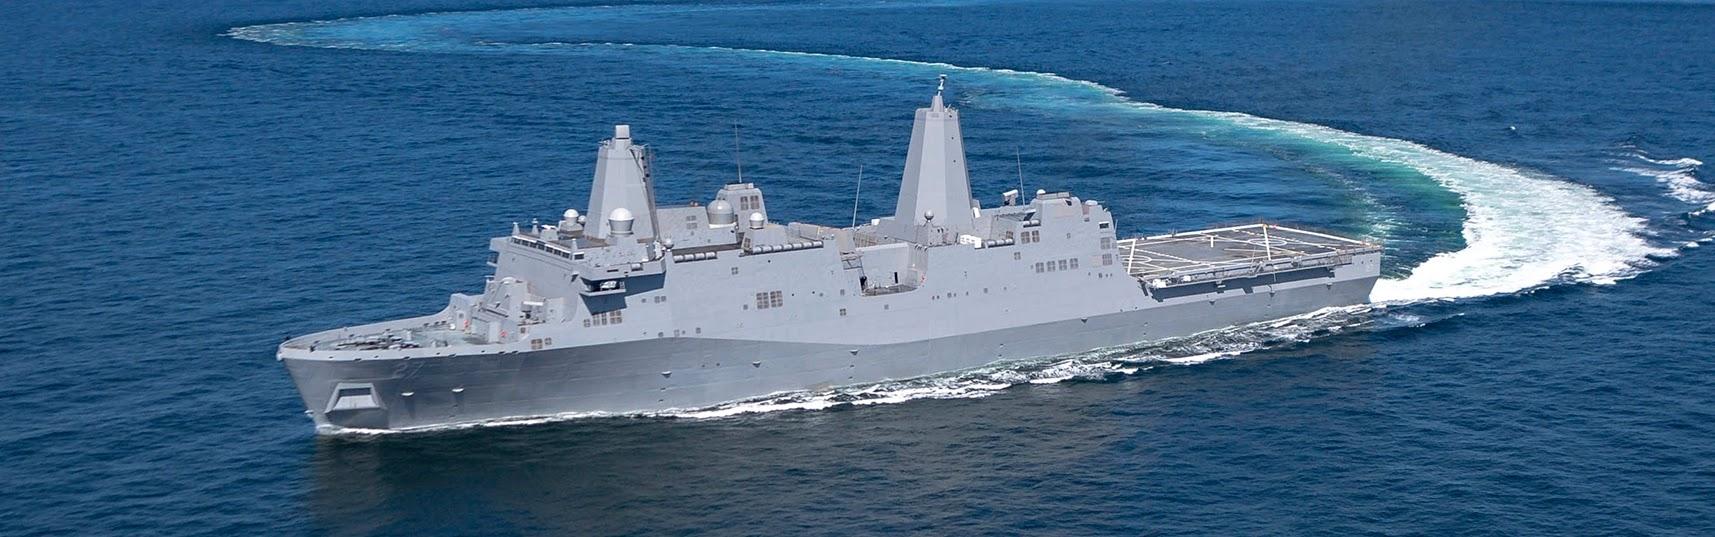 سفينة منصة هبوط (LPD) - أسلحة الجيش الأمريكي - ميزانية الجيش الأمريكي 2021